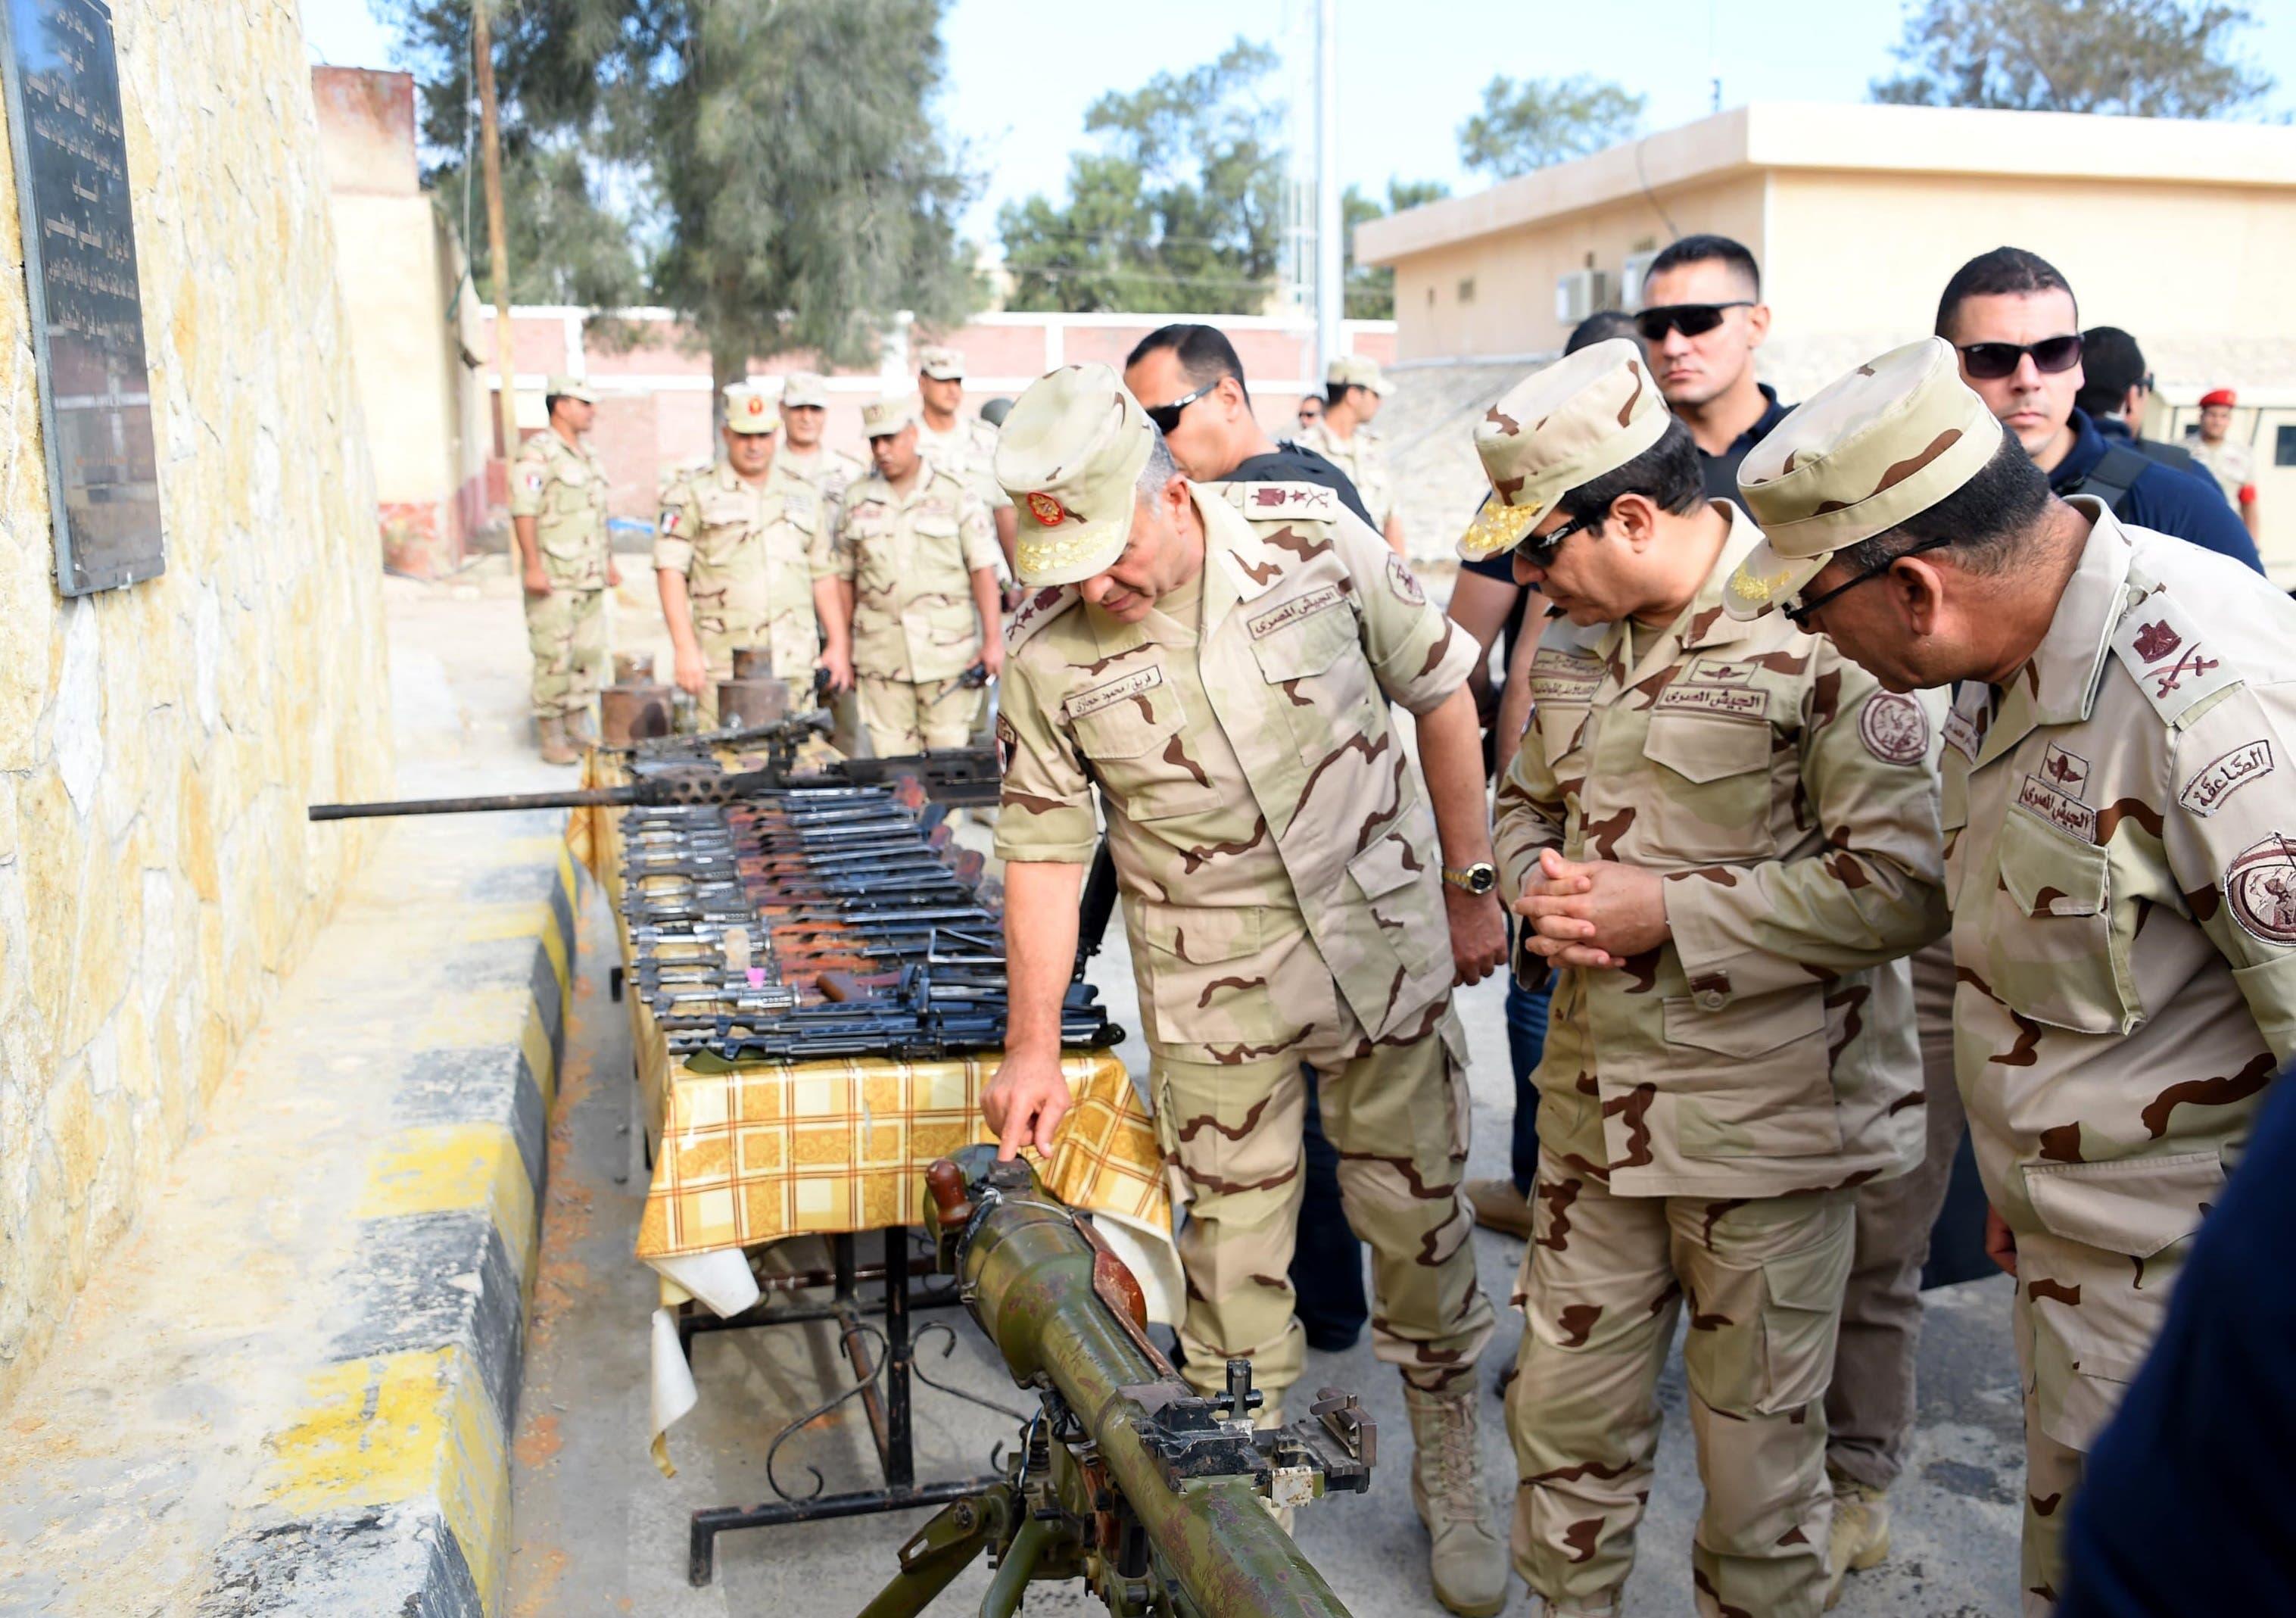 السيسي بالزي العسكري في شمال سيناء بعد الهجمات E2a5df95-3b7f-4108-8eb7-be5afb338ac2